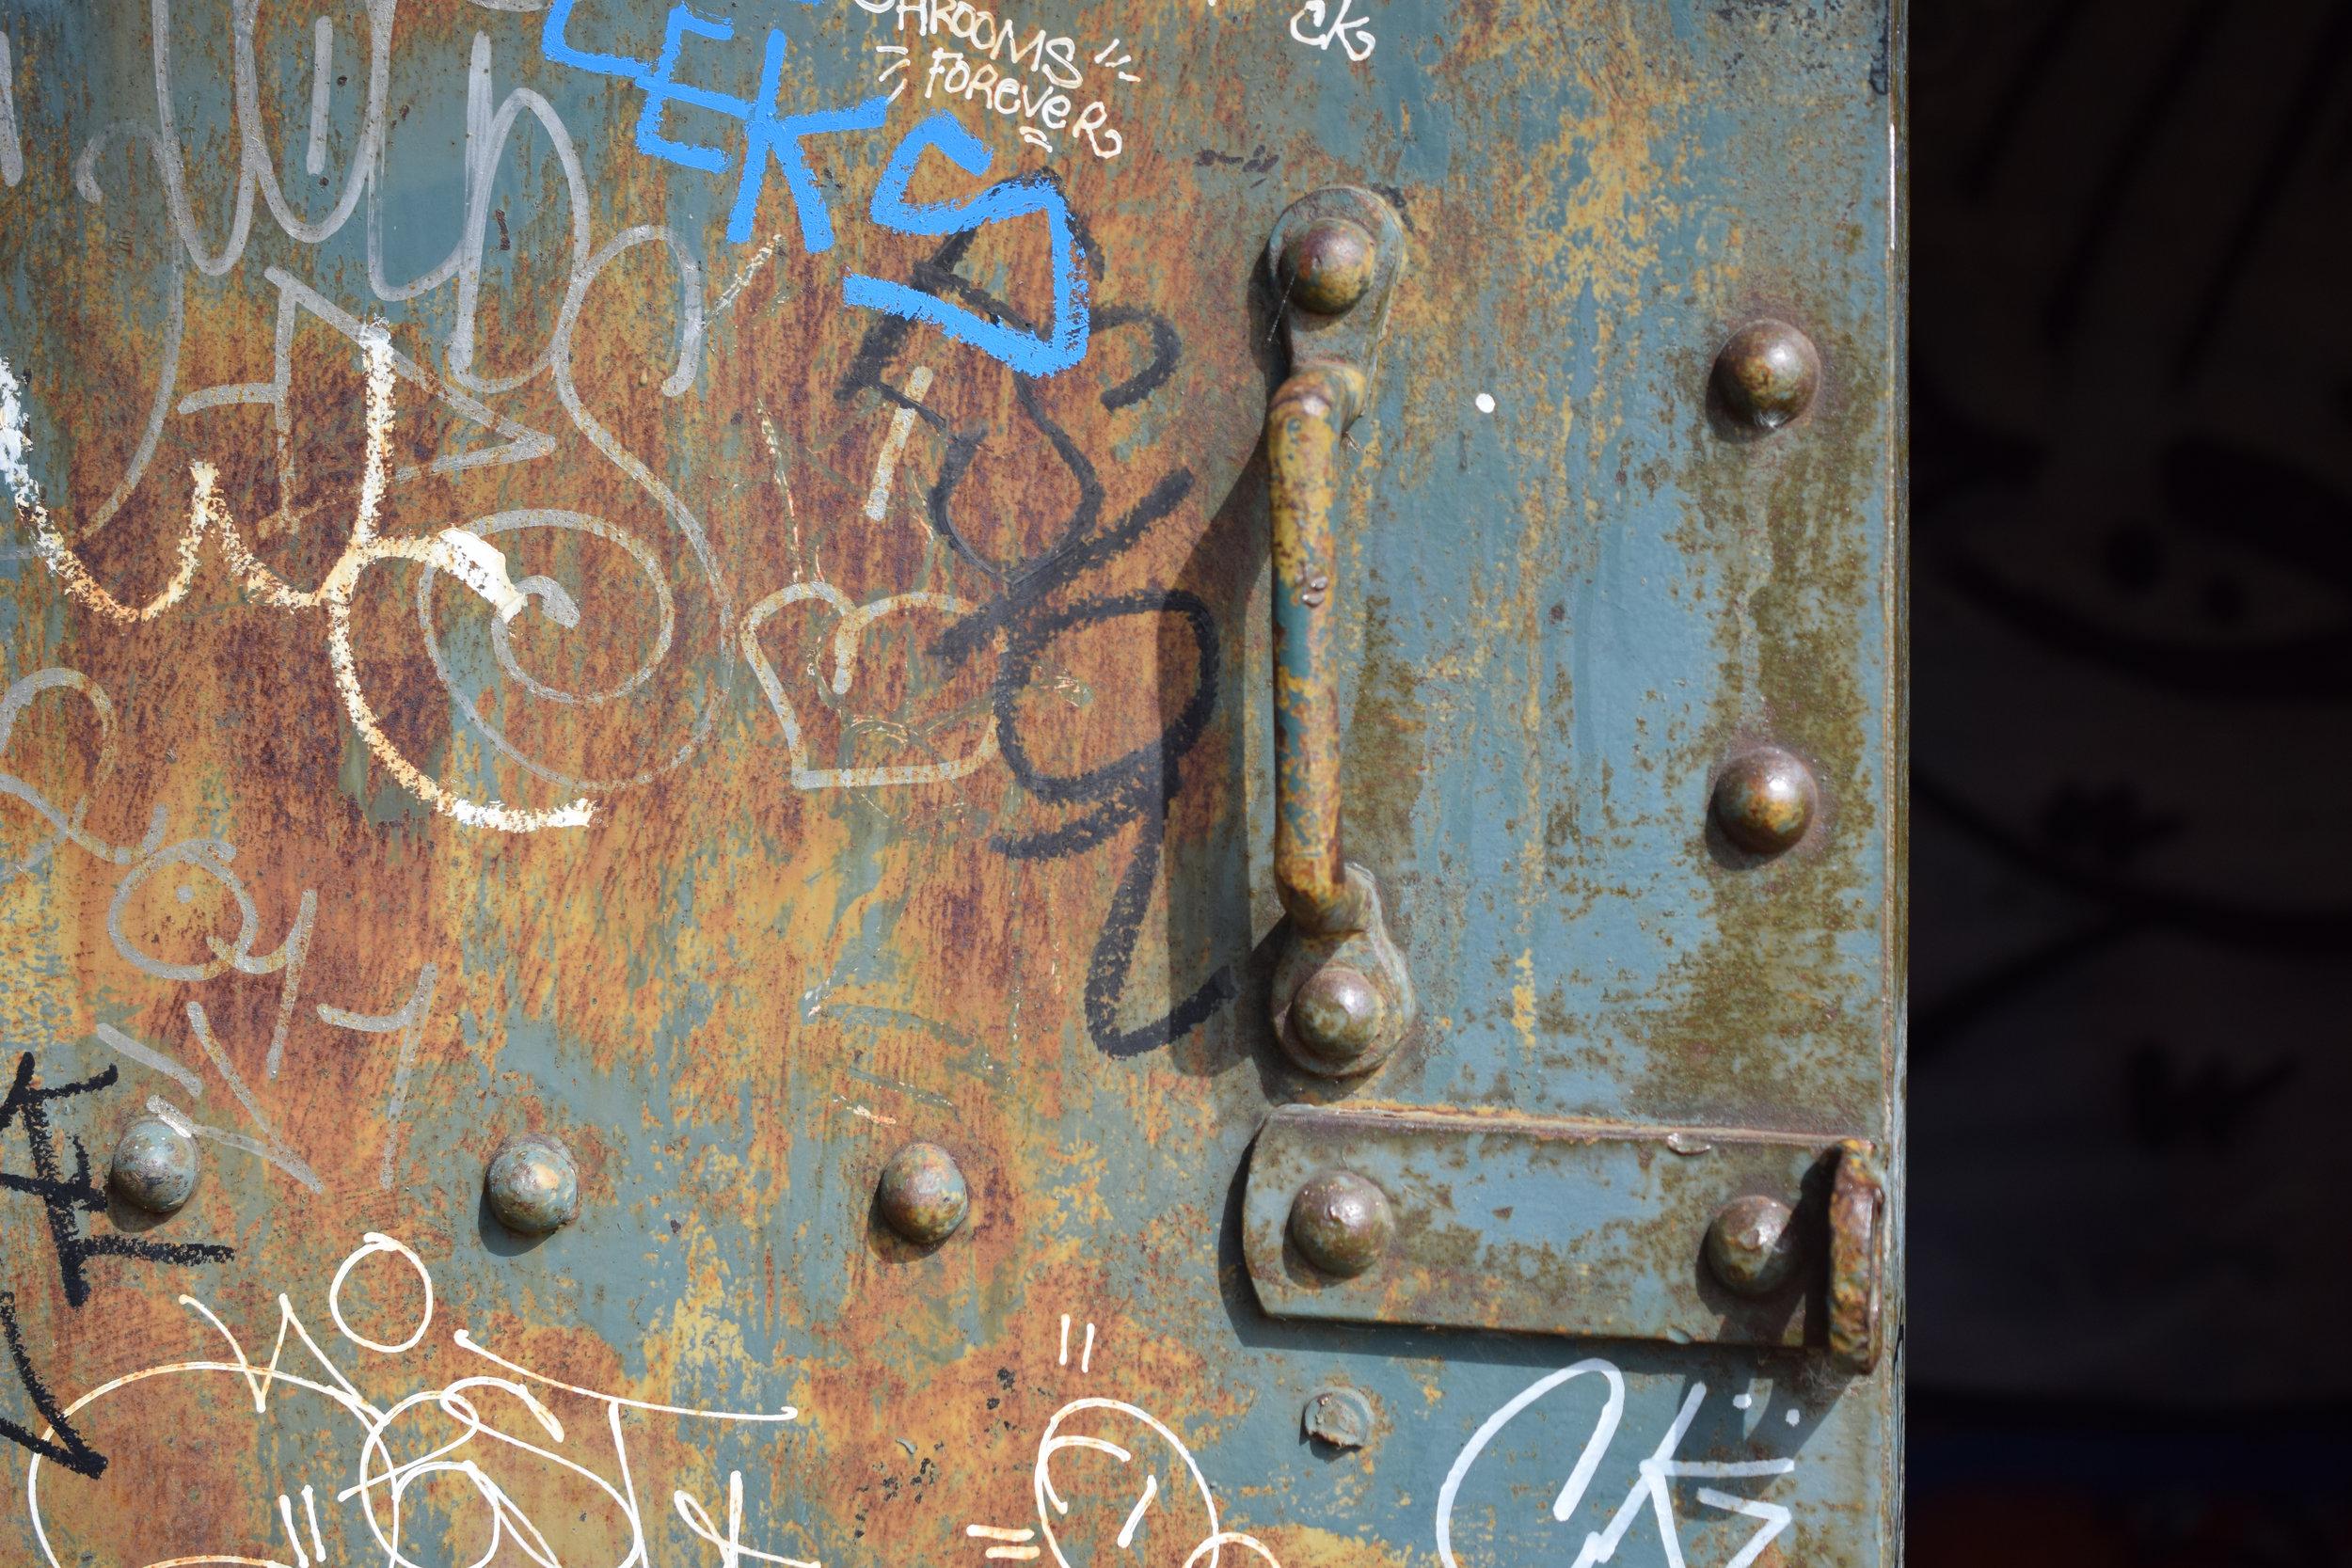 Graffiti Door-headlands-2016.jpg